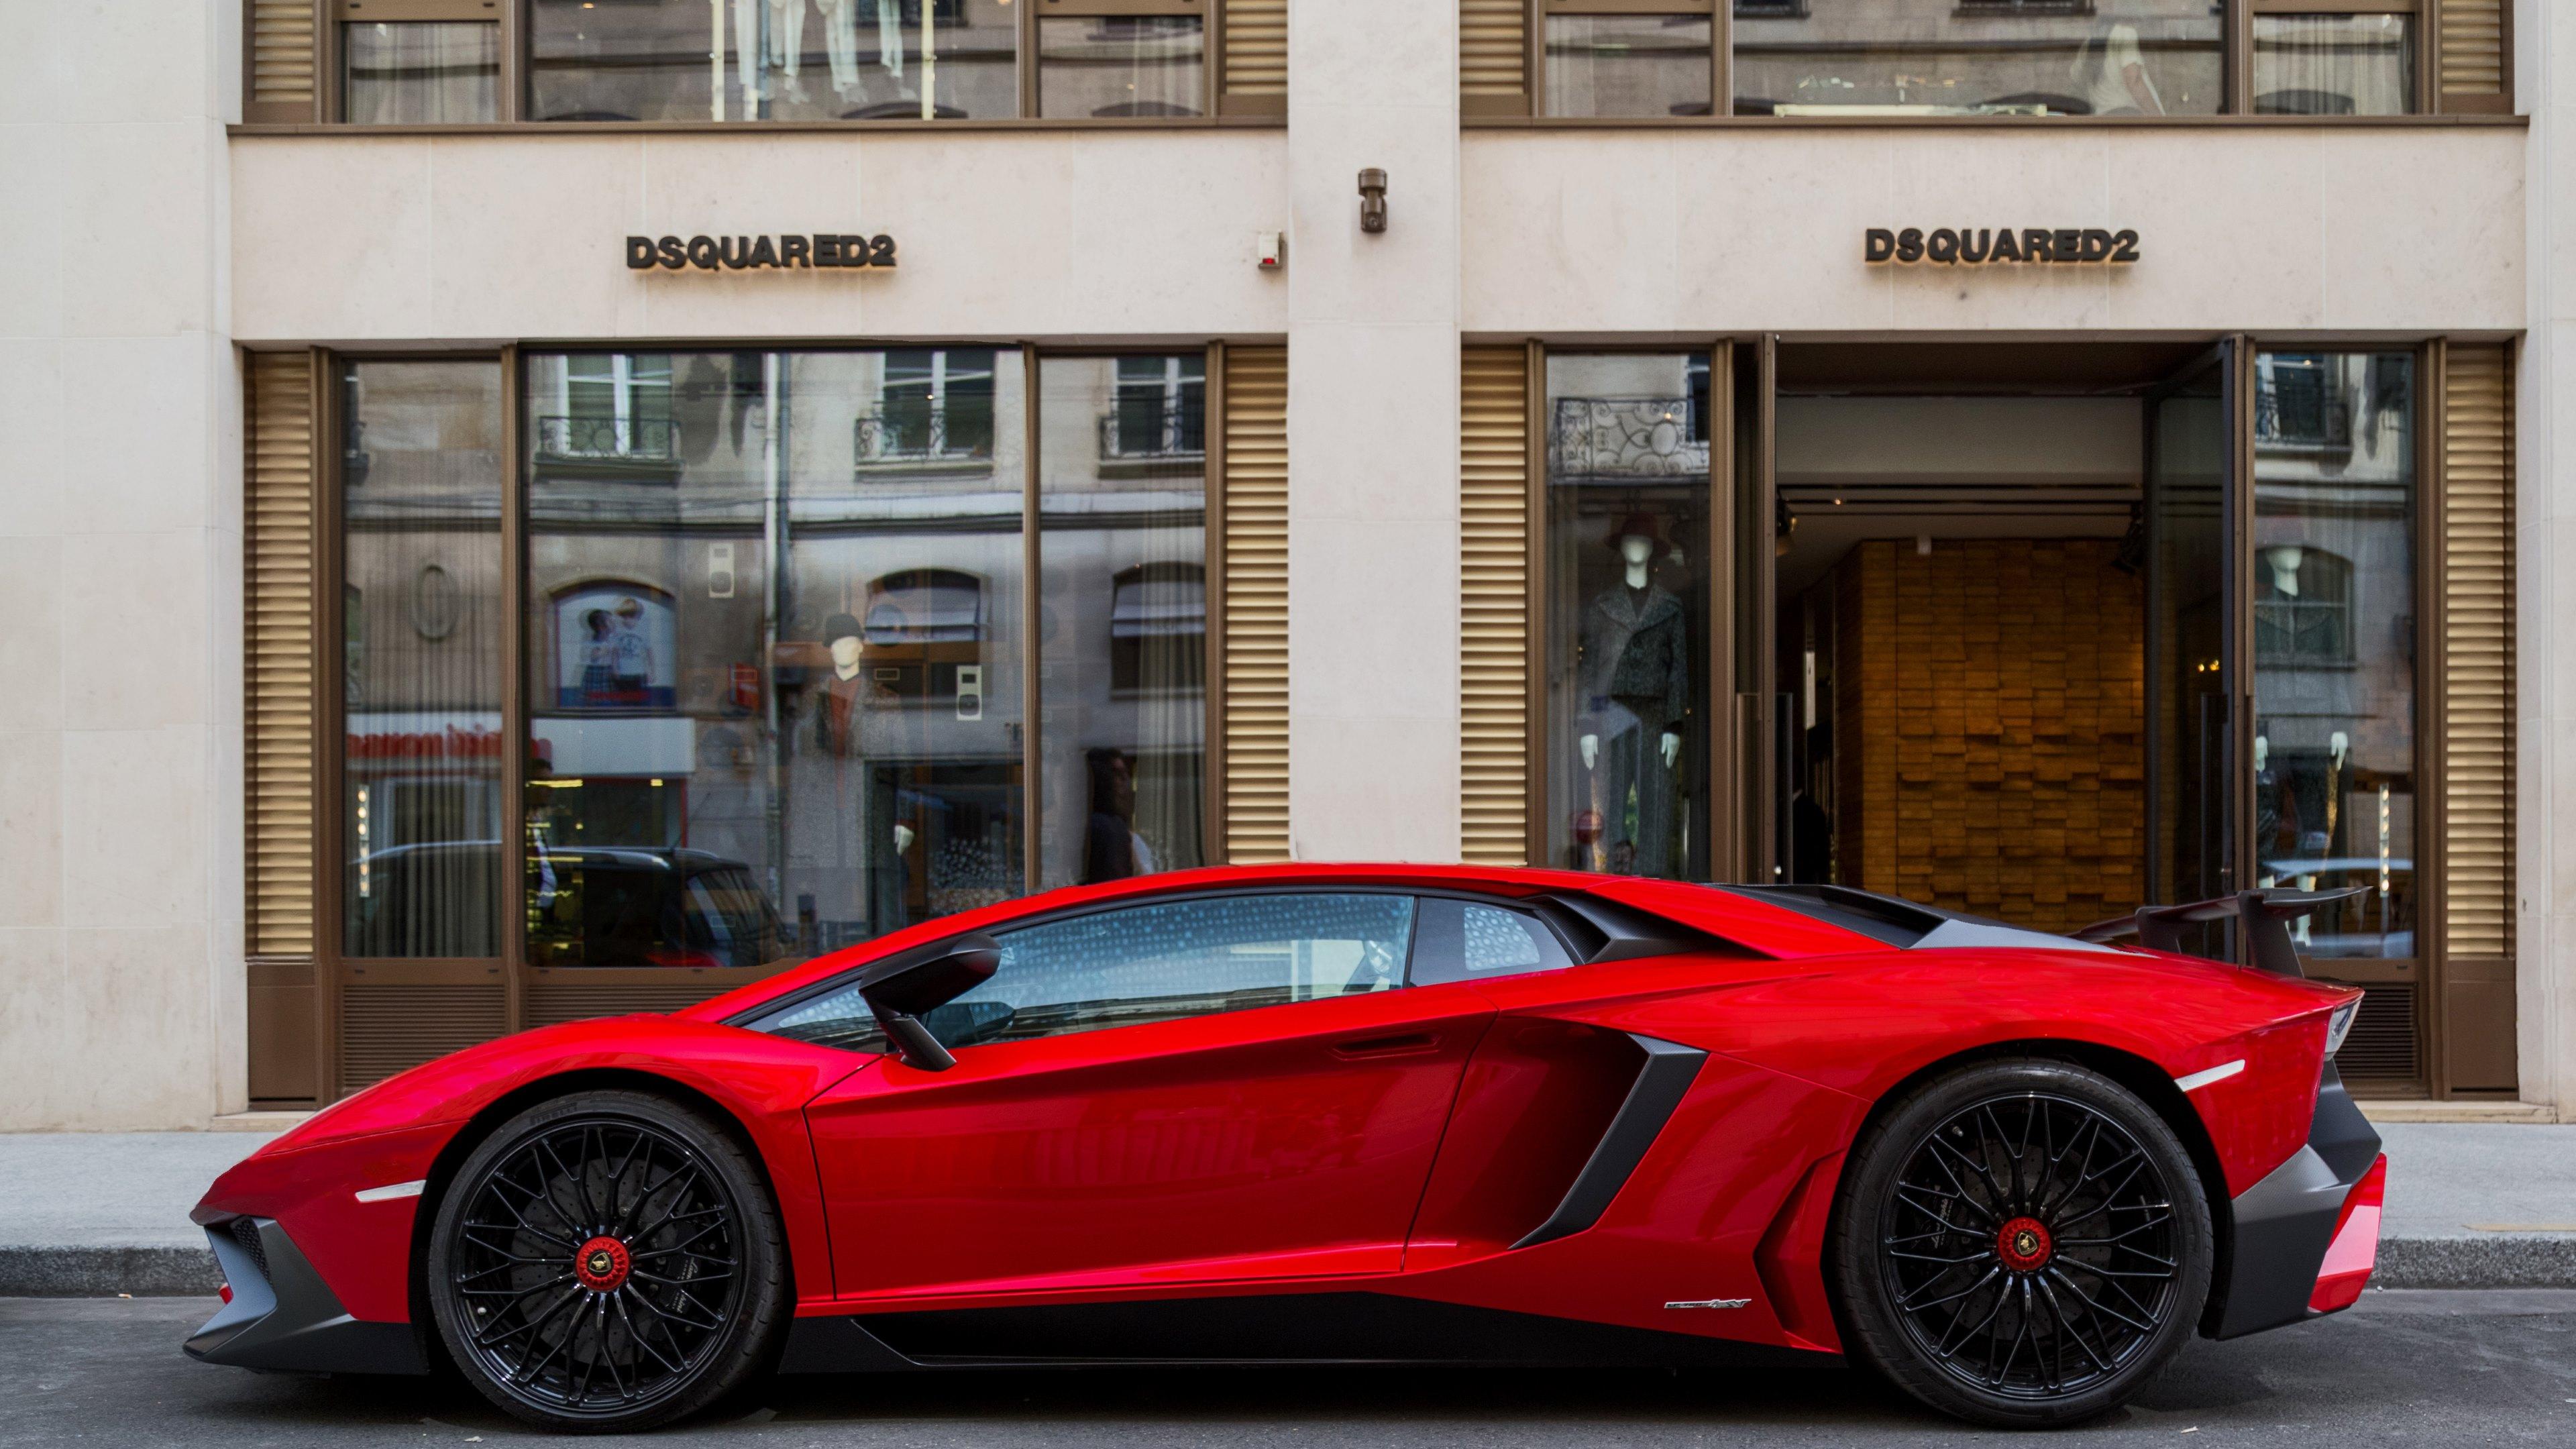 Lamborghini Aventador Car 4k Hd Desktop Wallpaper For 4k: Lamborghini Aventador 4k Ultra HD Wallpaper